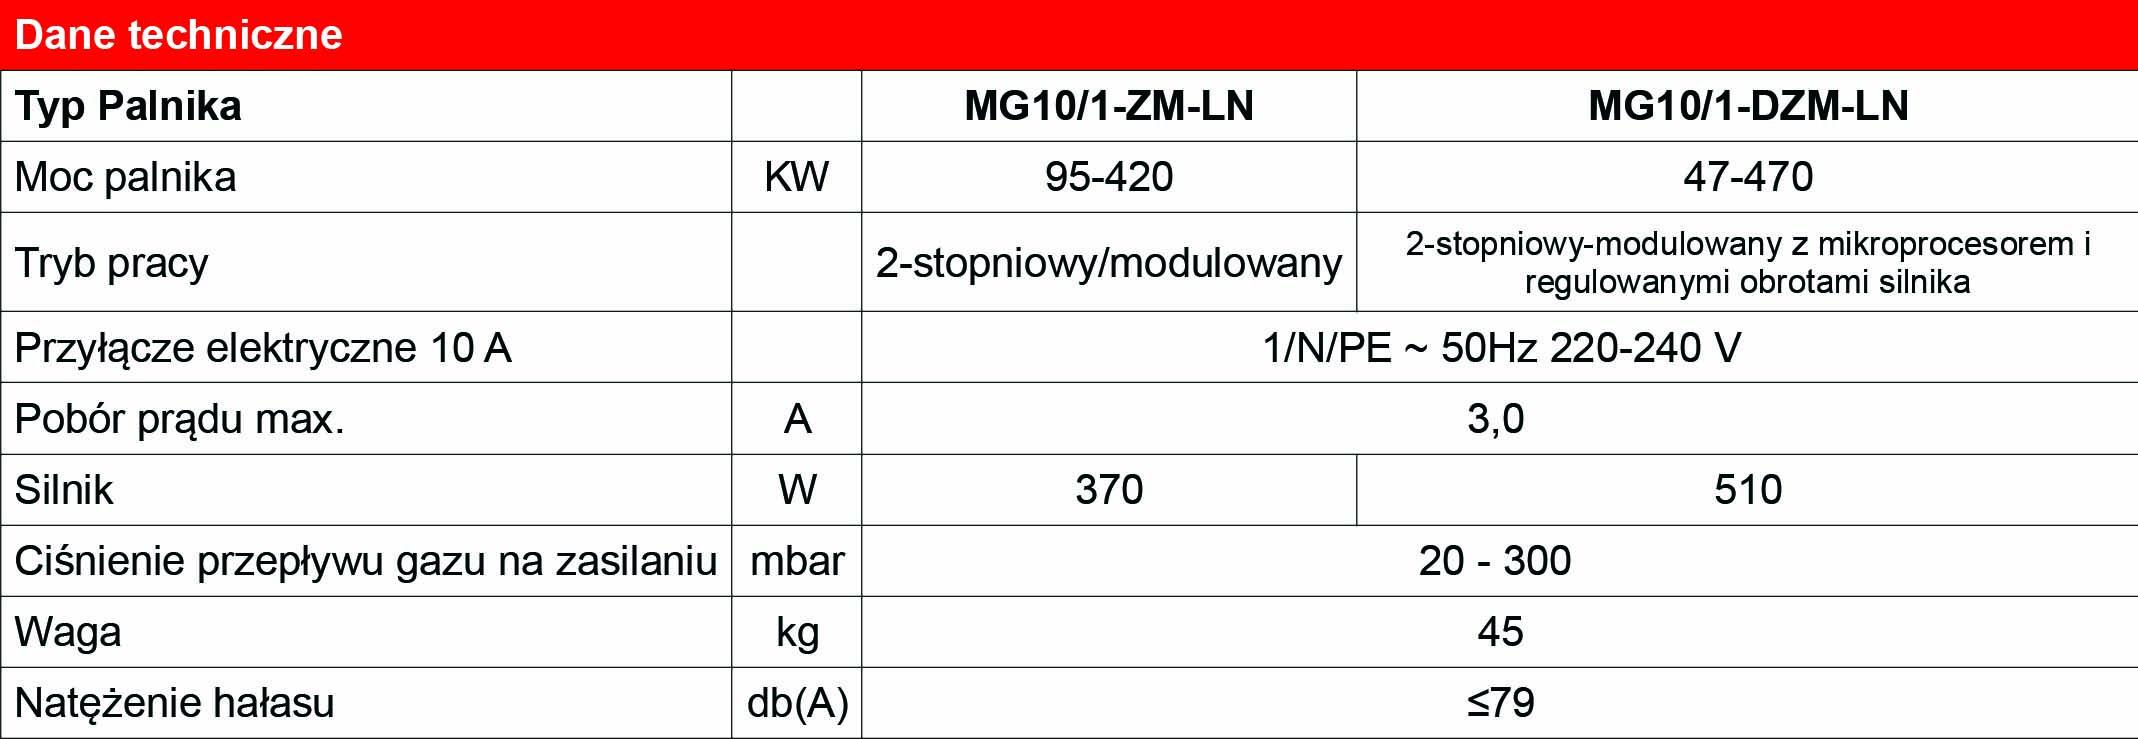 dane_techniczne_MG10_1-ZM-LN